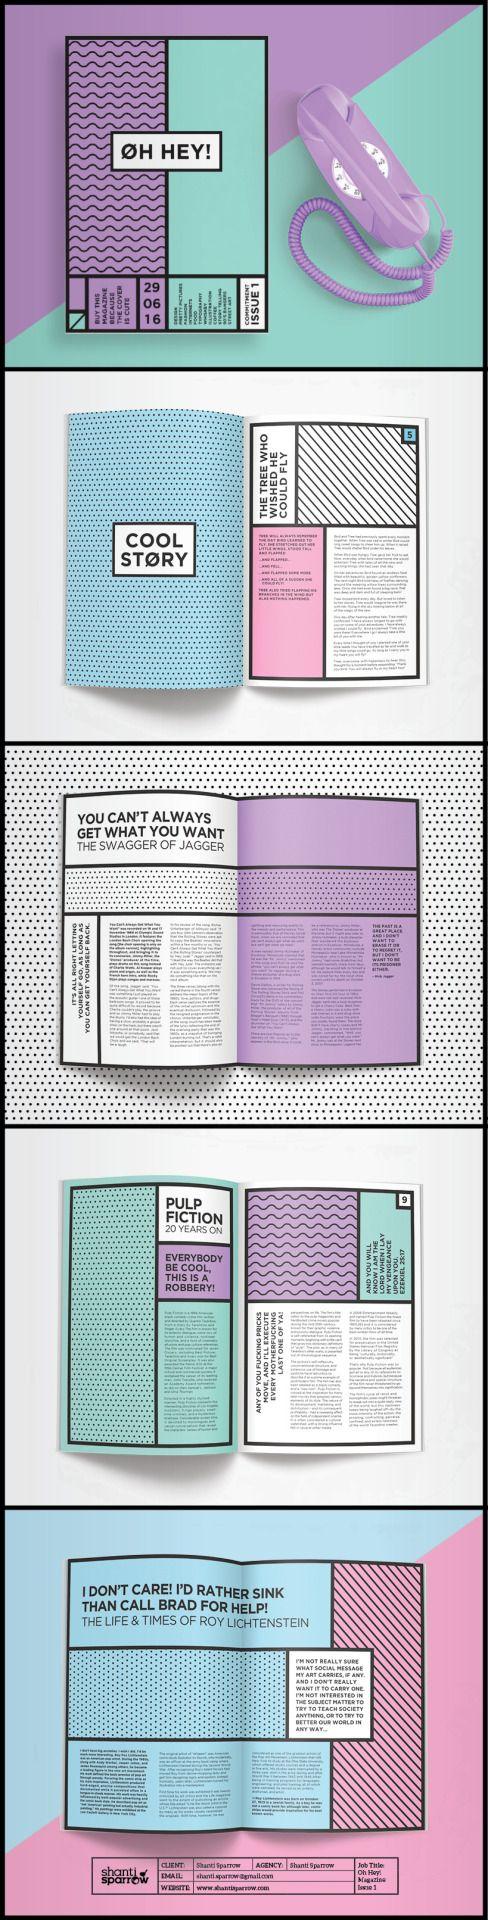 Design by Shanti Sparrow www.shantisparrow.com Project: Oh Hey! Magazine